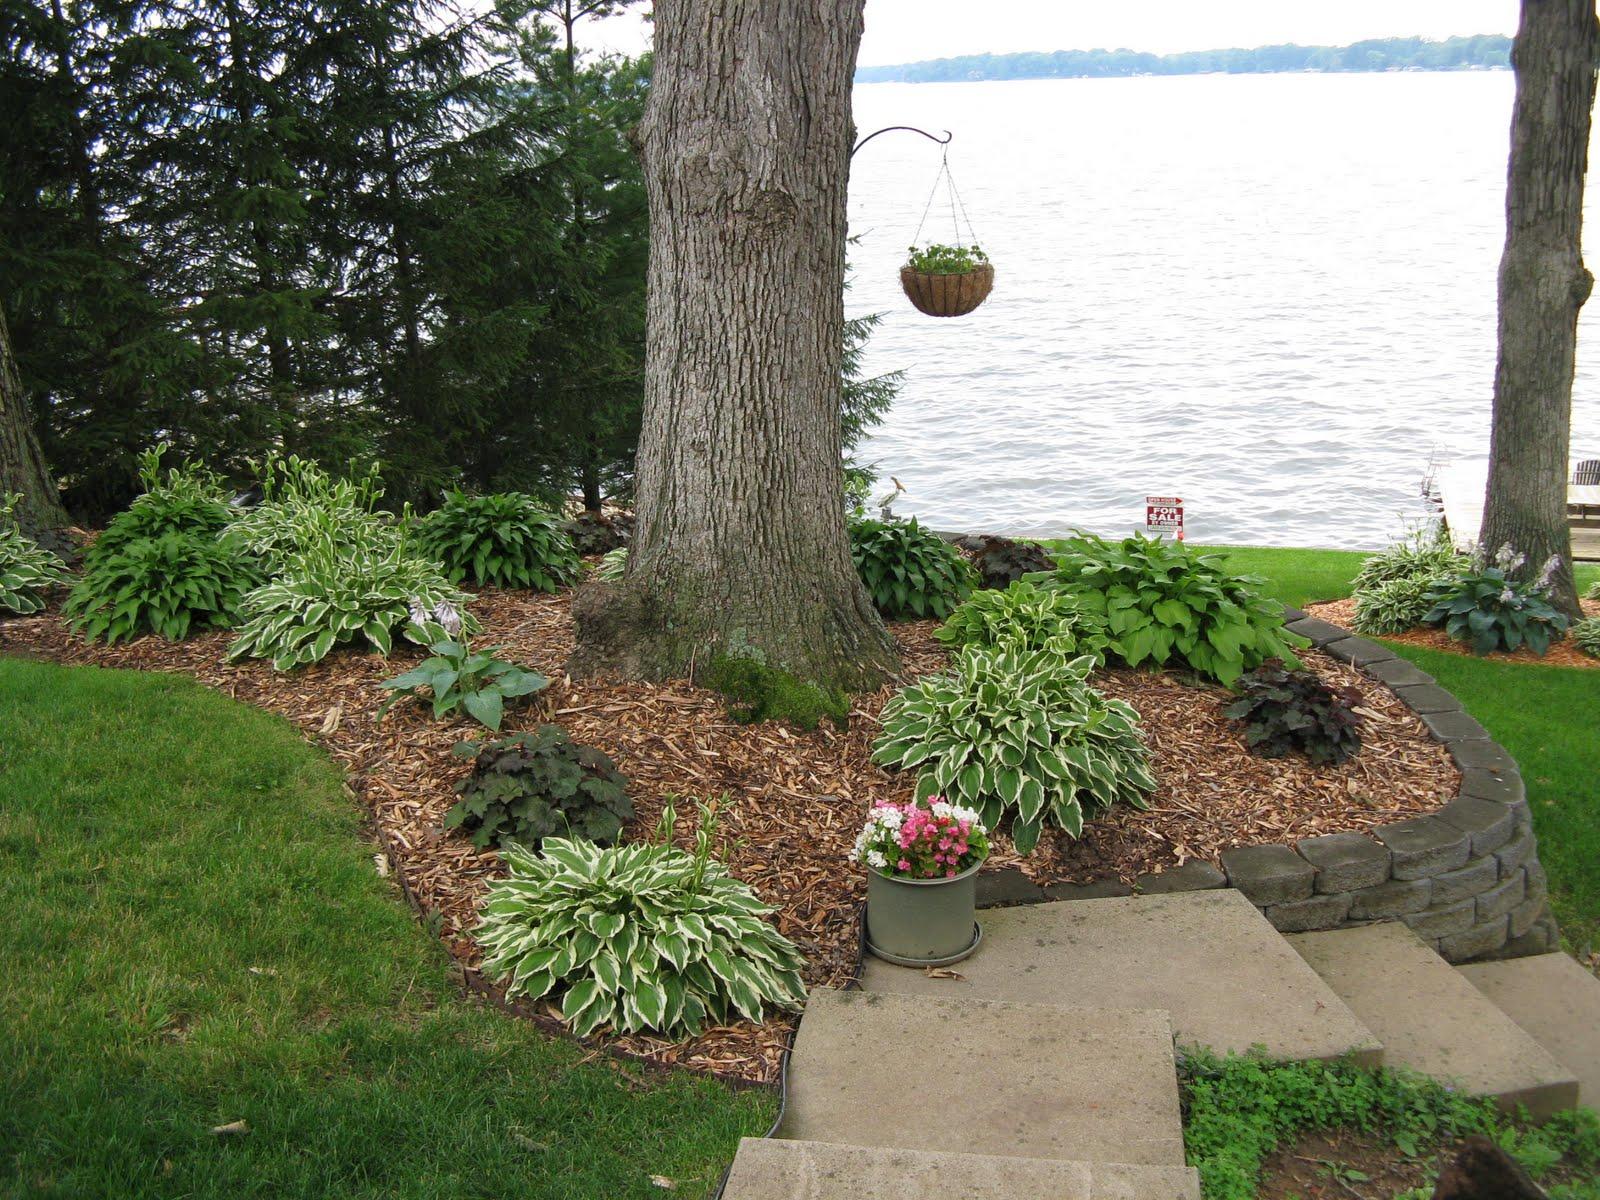 Lake House Backyard Design :  wwwlandscapeideasandpicturecombackyardlandscapingideaspictures